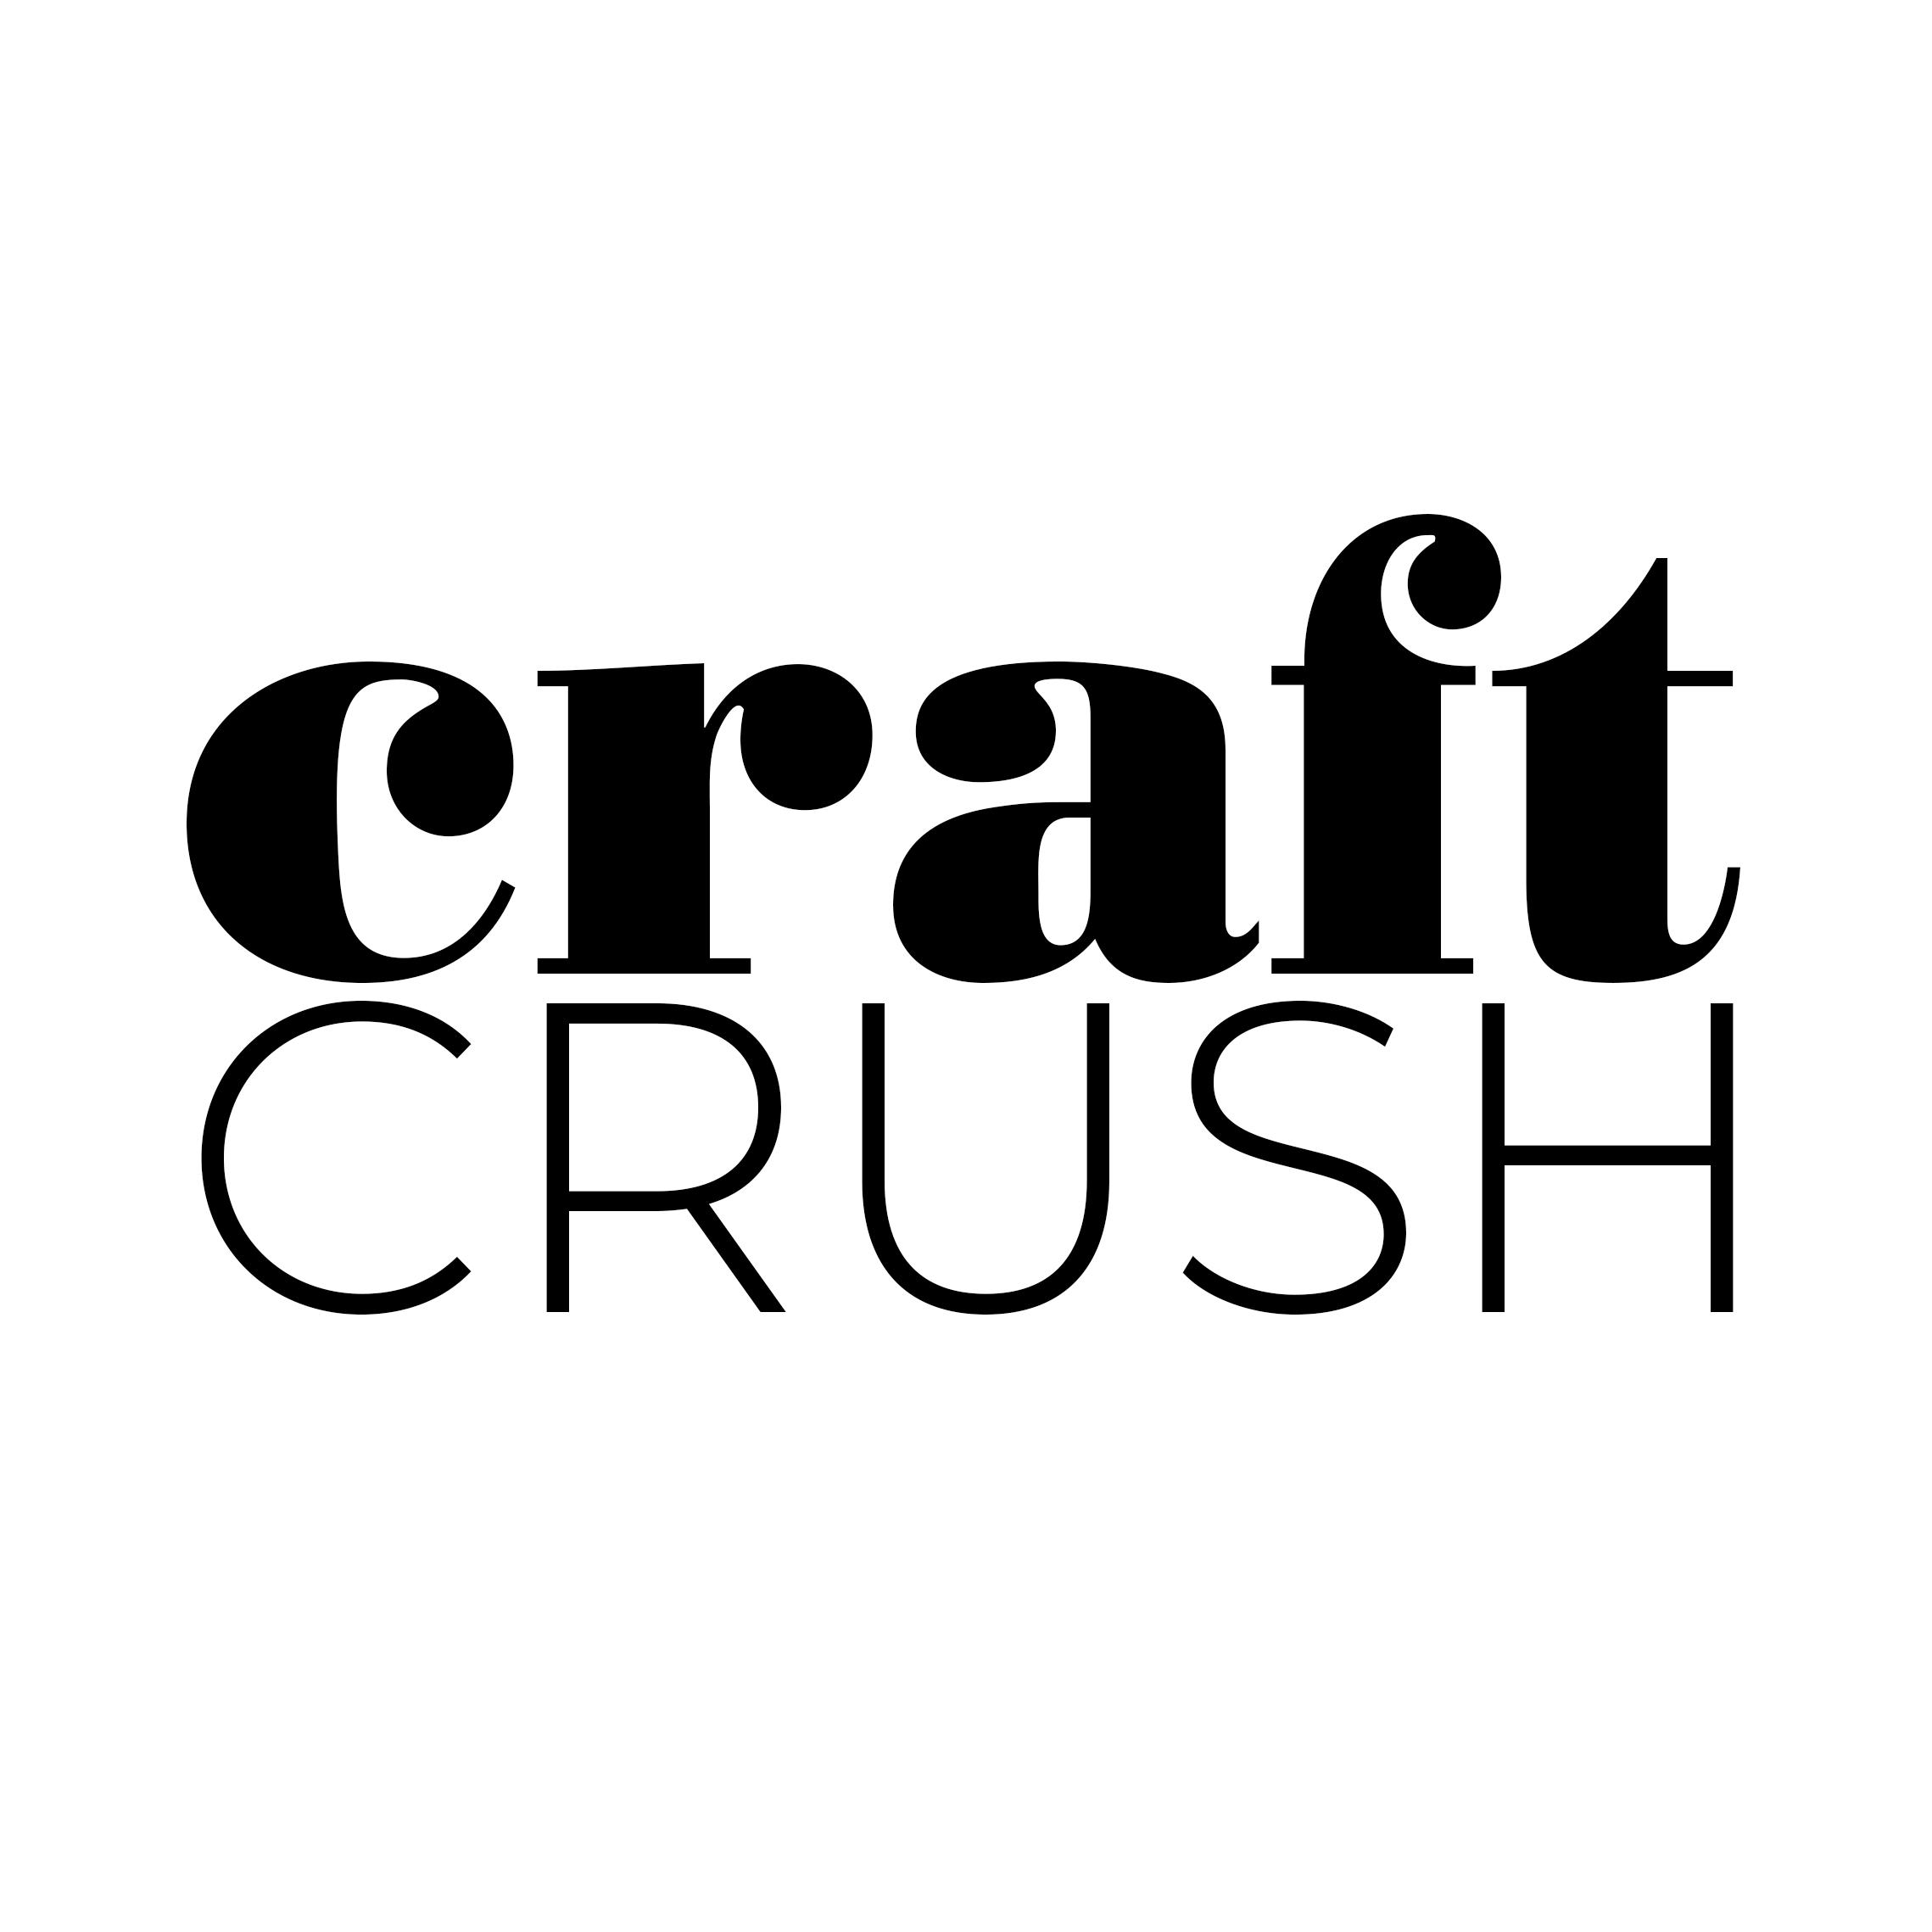 #craftcrushsq.jpg.png